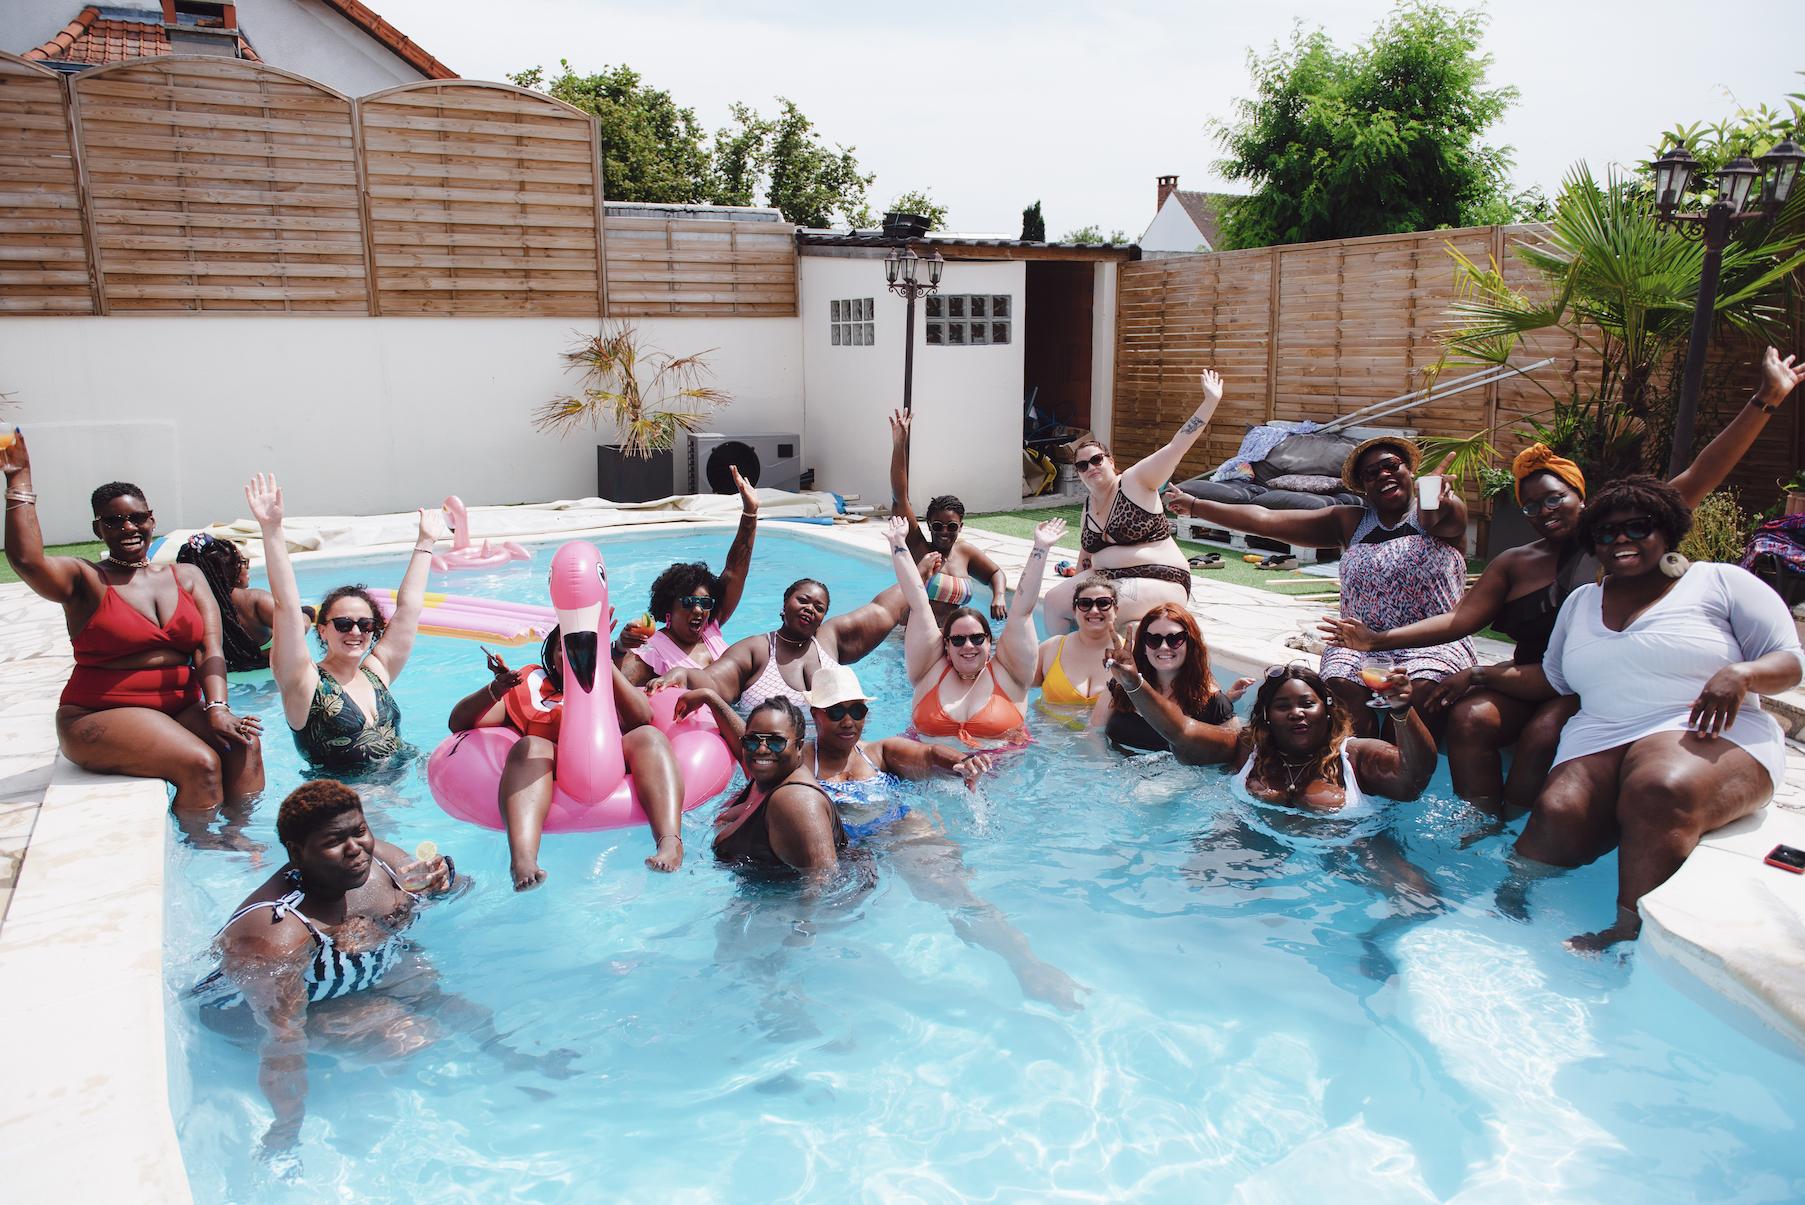 Comment j'ai organisé une pool party body positive